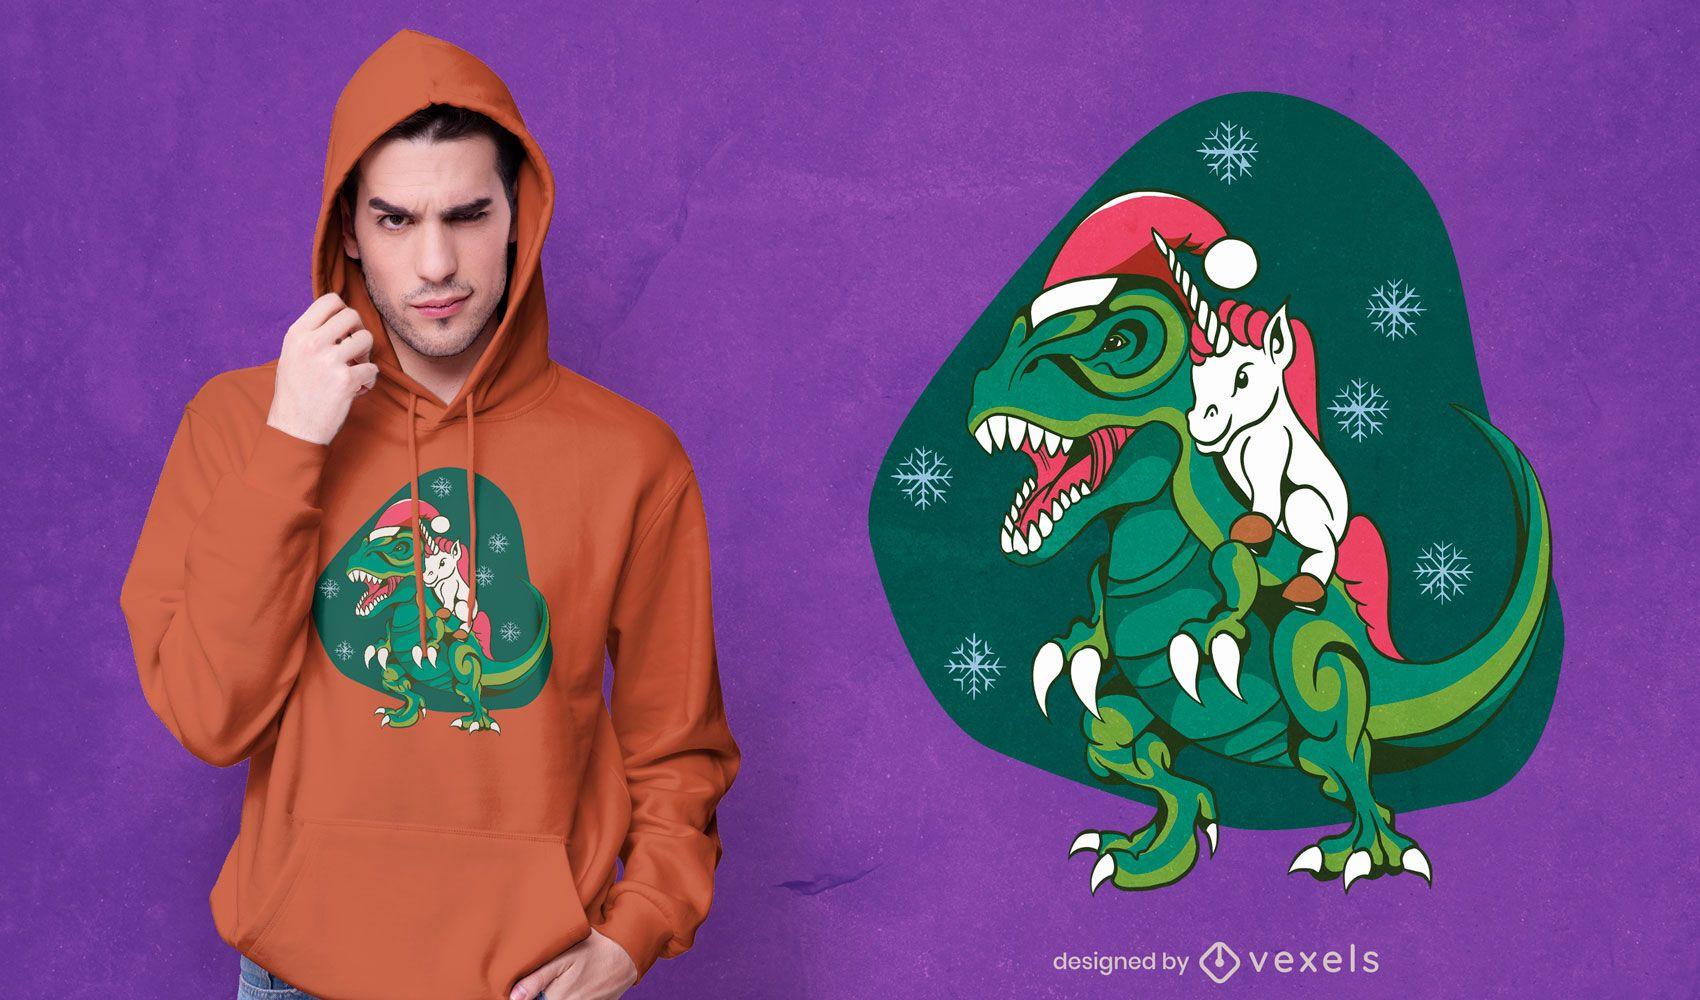 Unicorn riding dinosaur t-shirt design